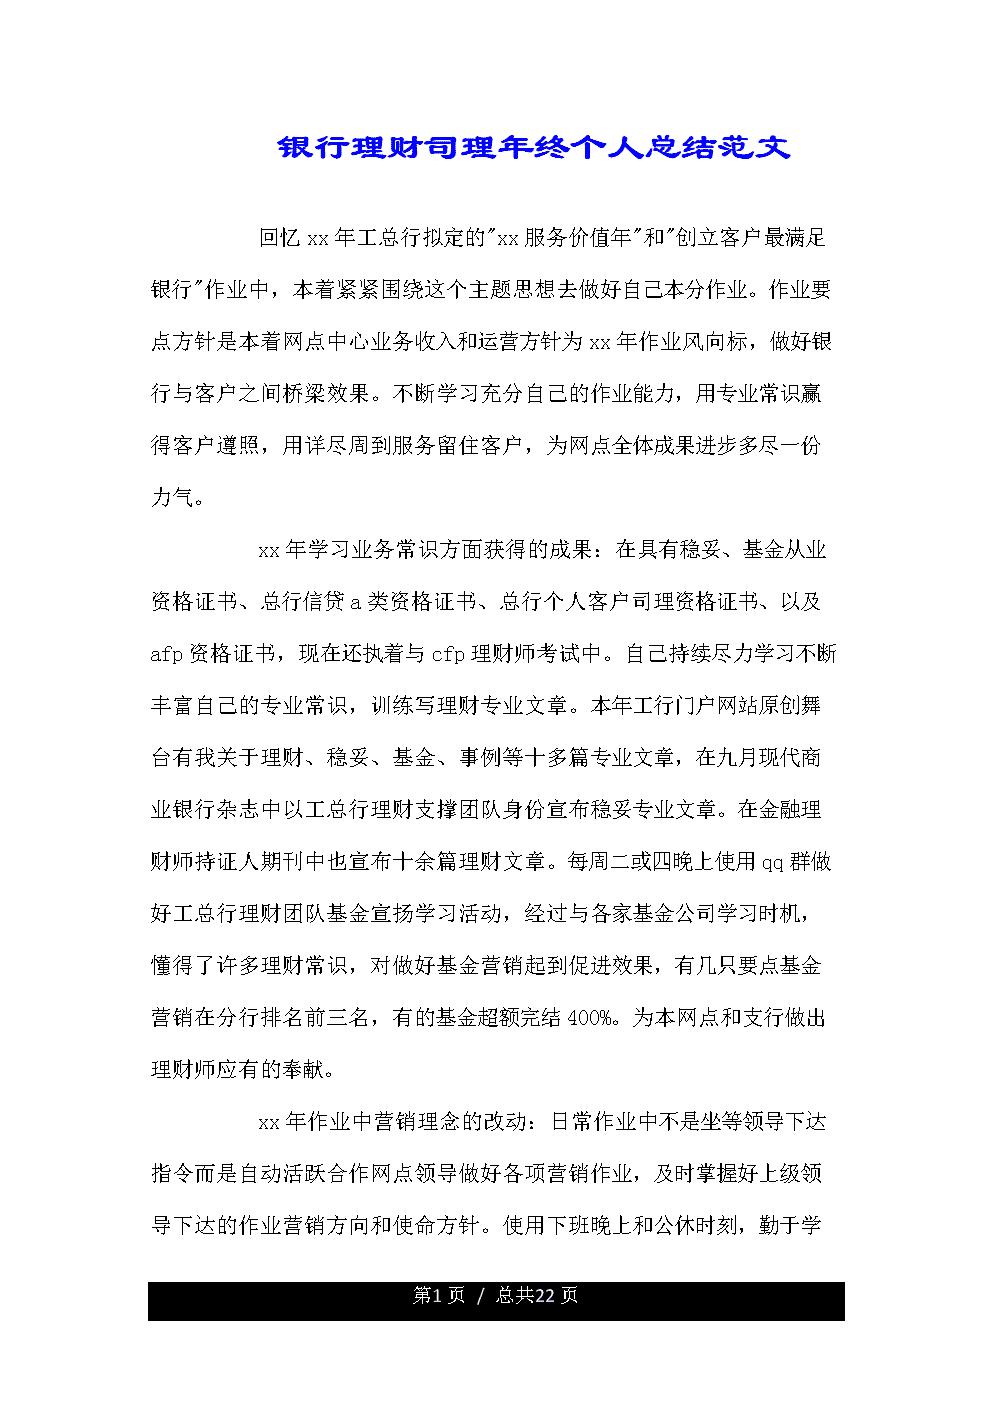 银行理财经理年终个人的总结范文.doc